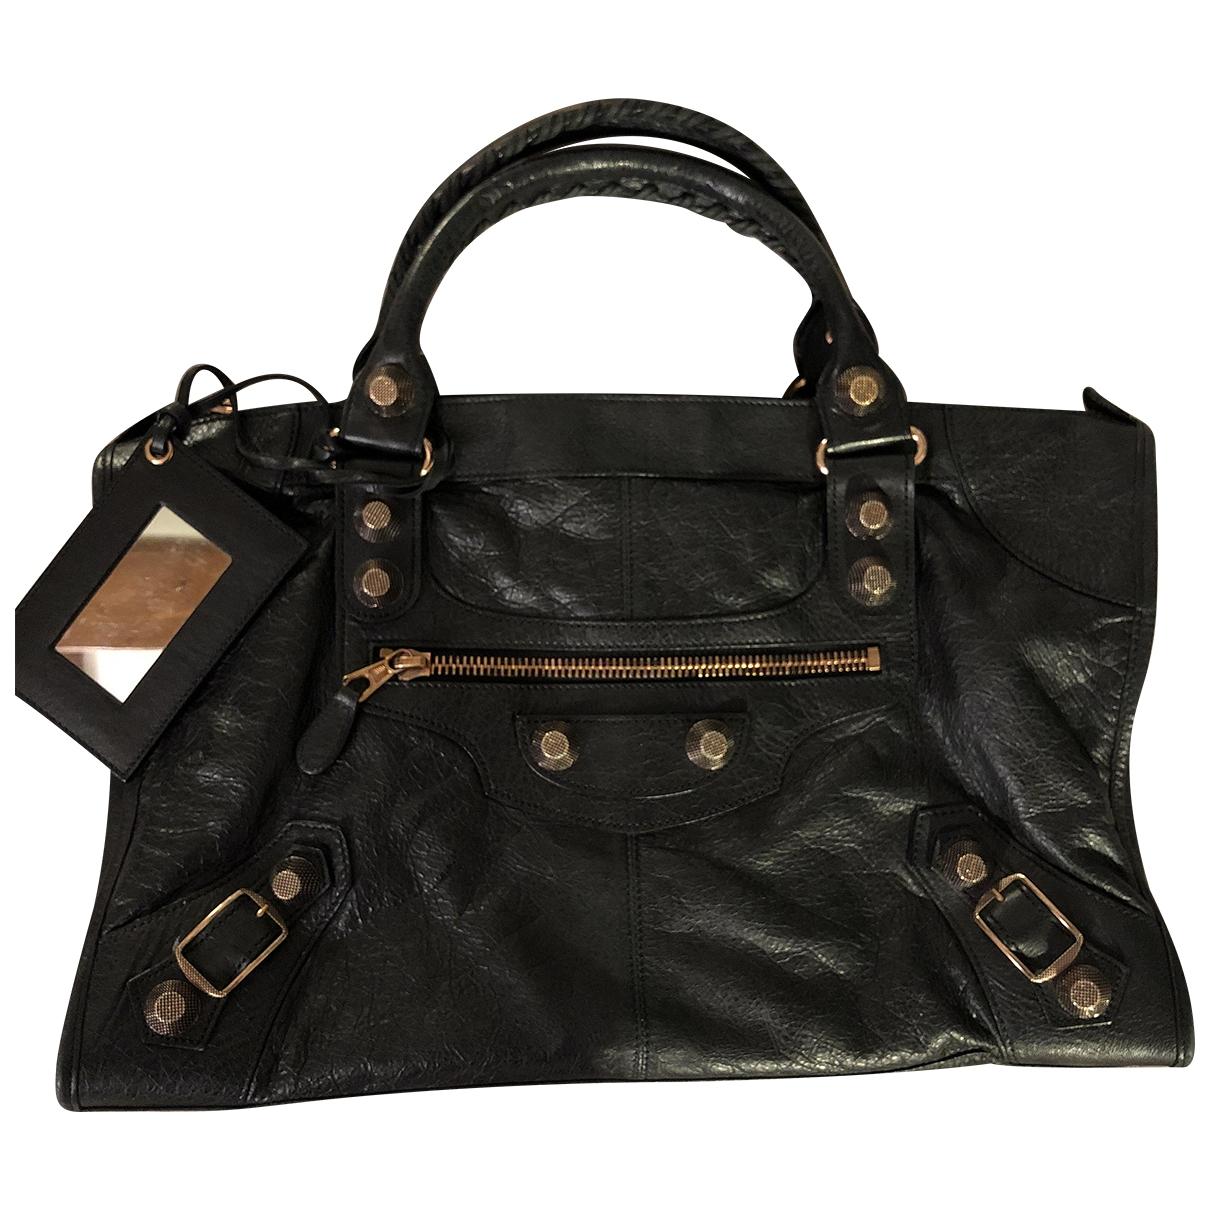 Balenciaga - Sac a main Work pour femme en cuir - noir